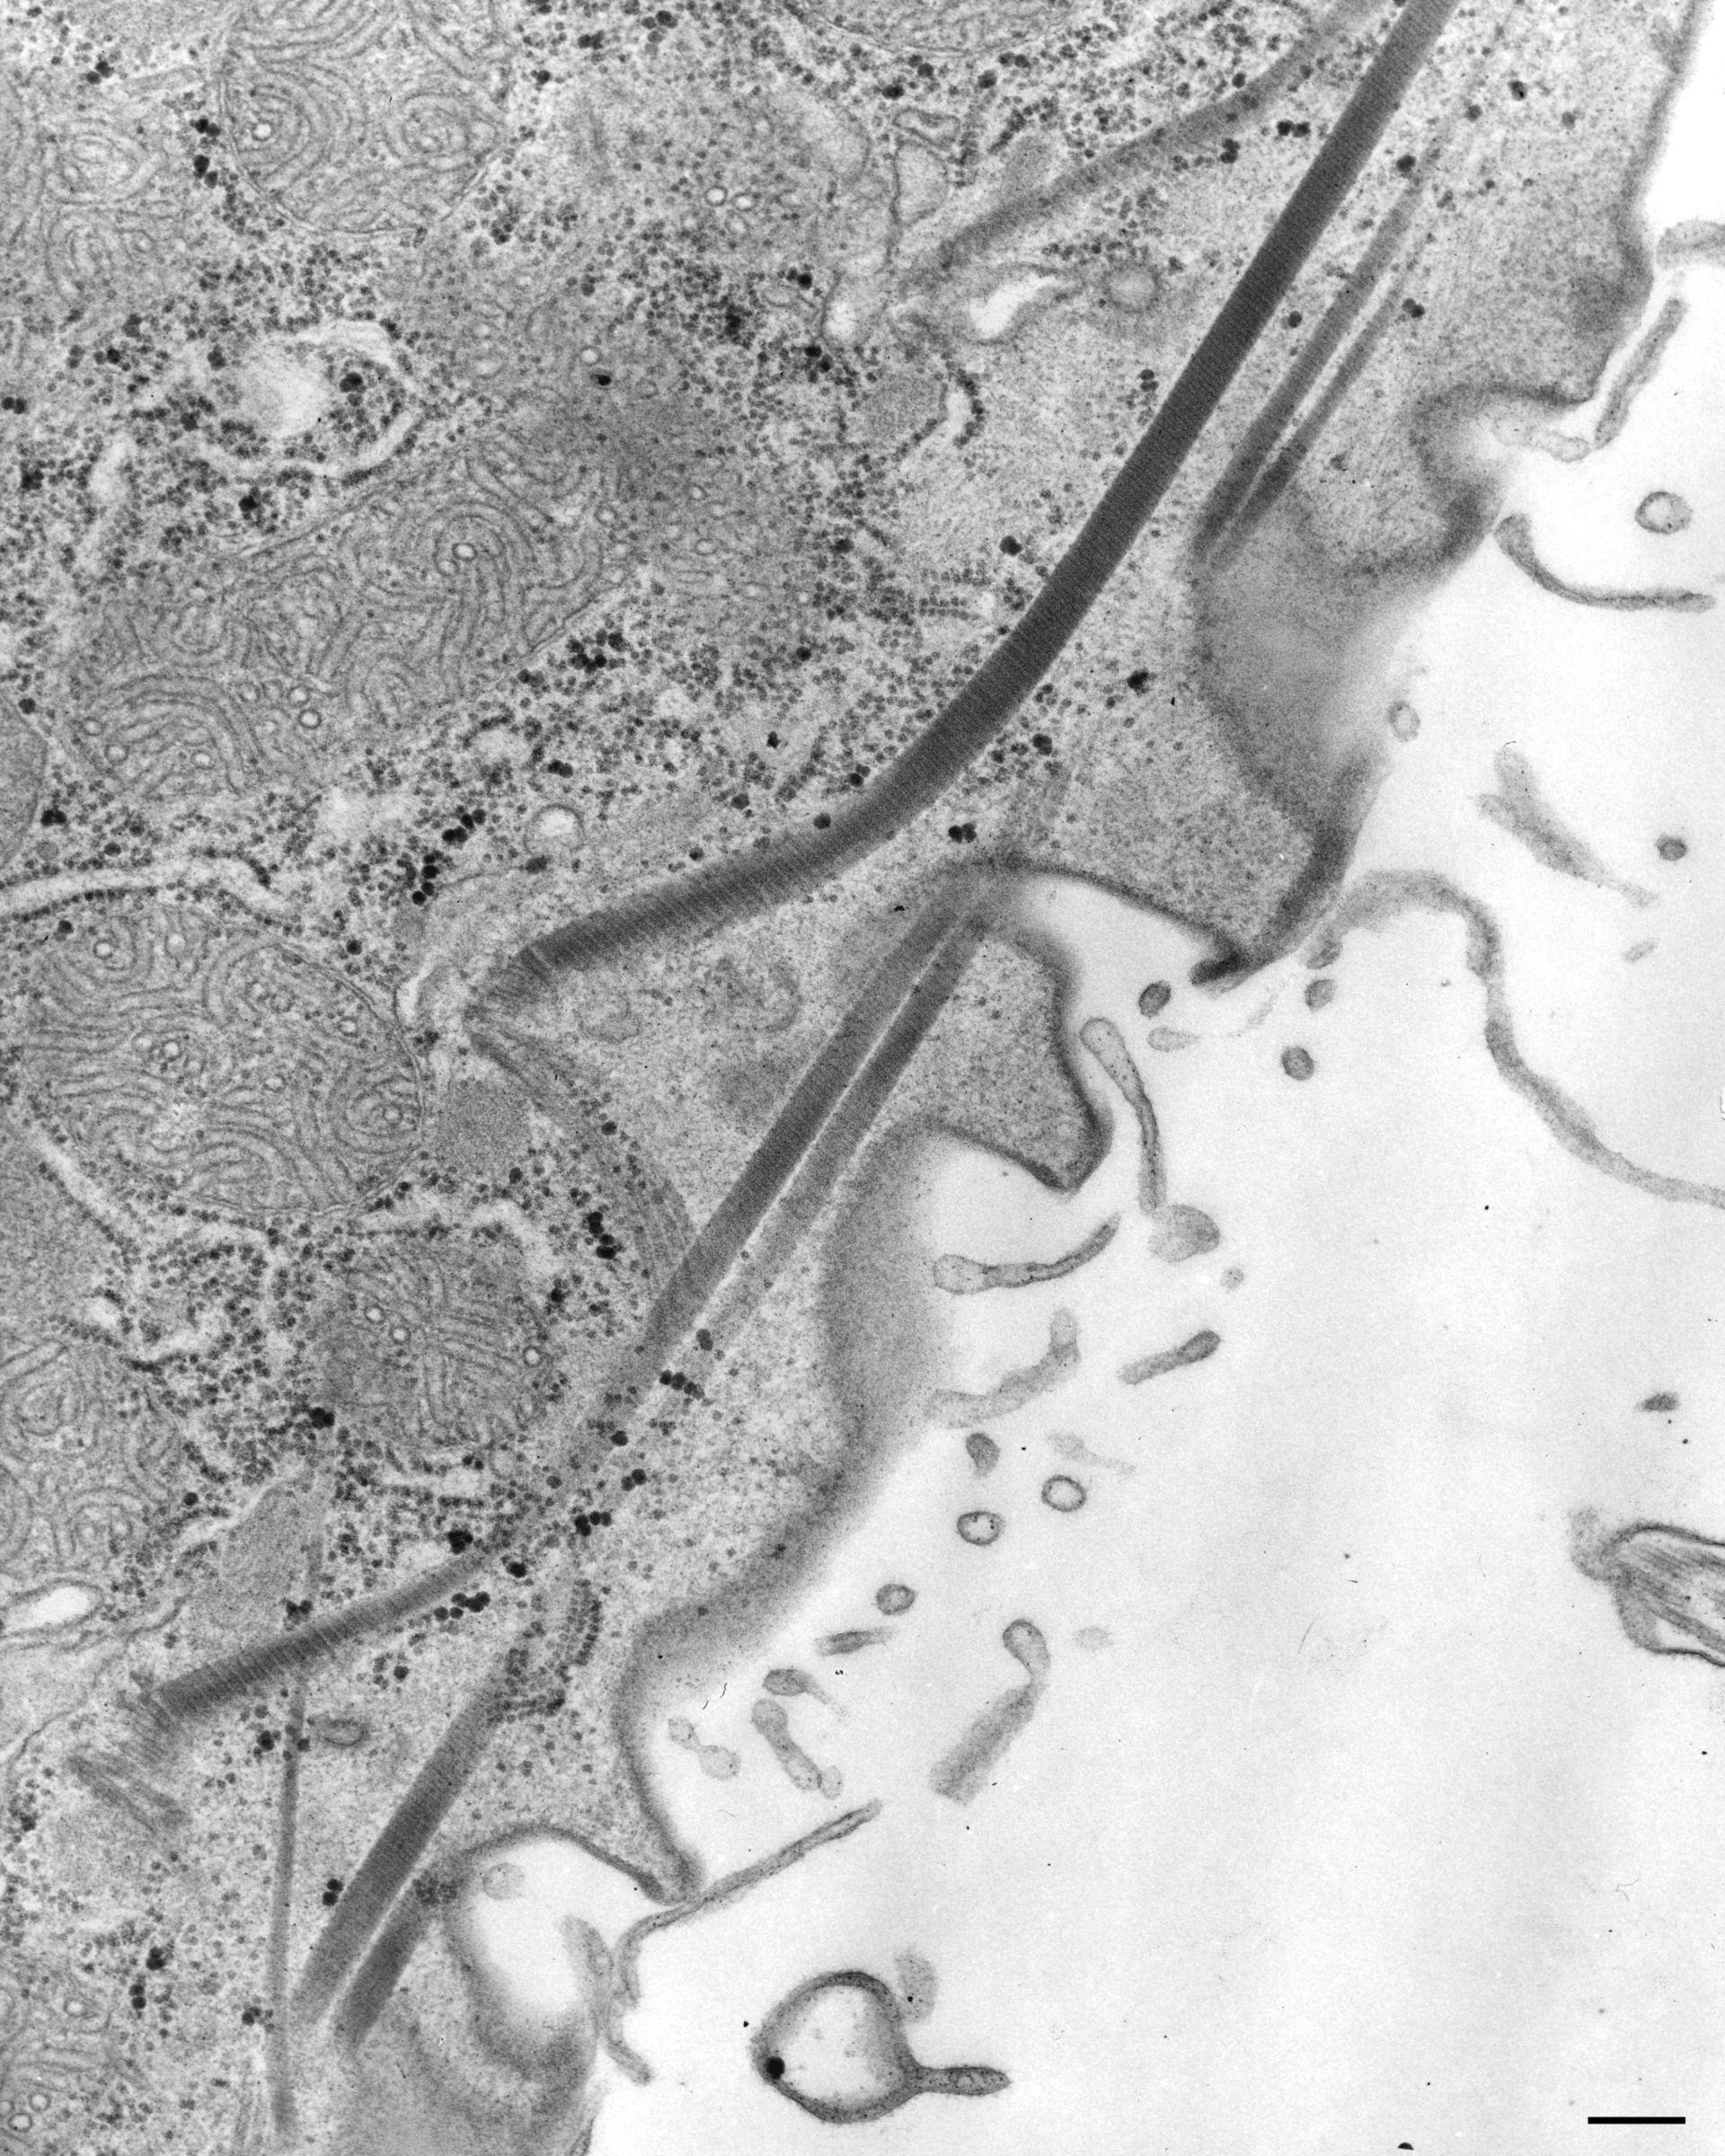 Paramecium caudatum (Kinetodesmal fiber) - CIL:36764